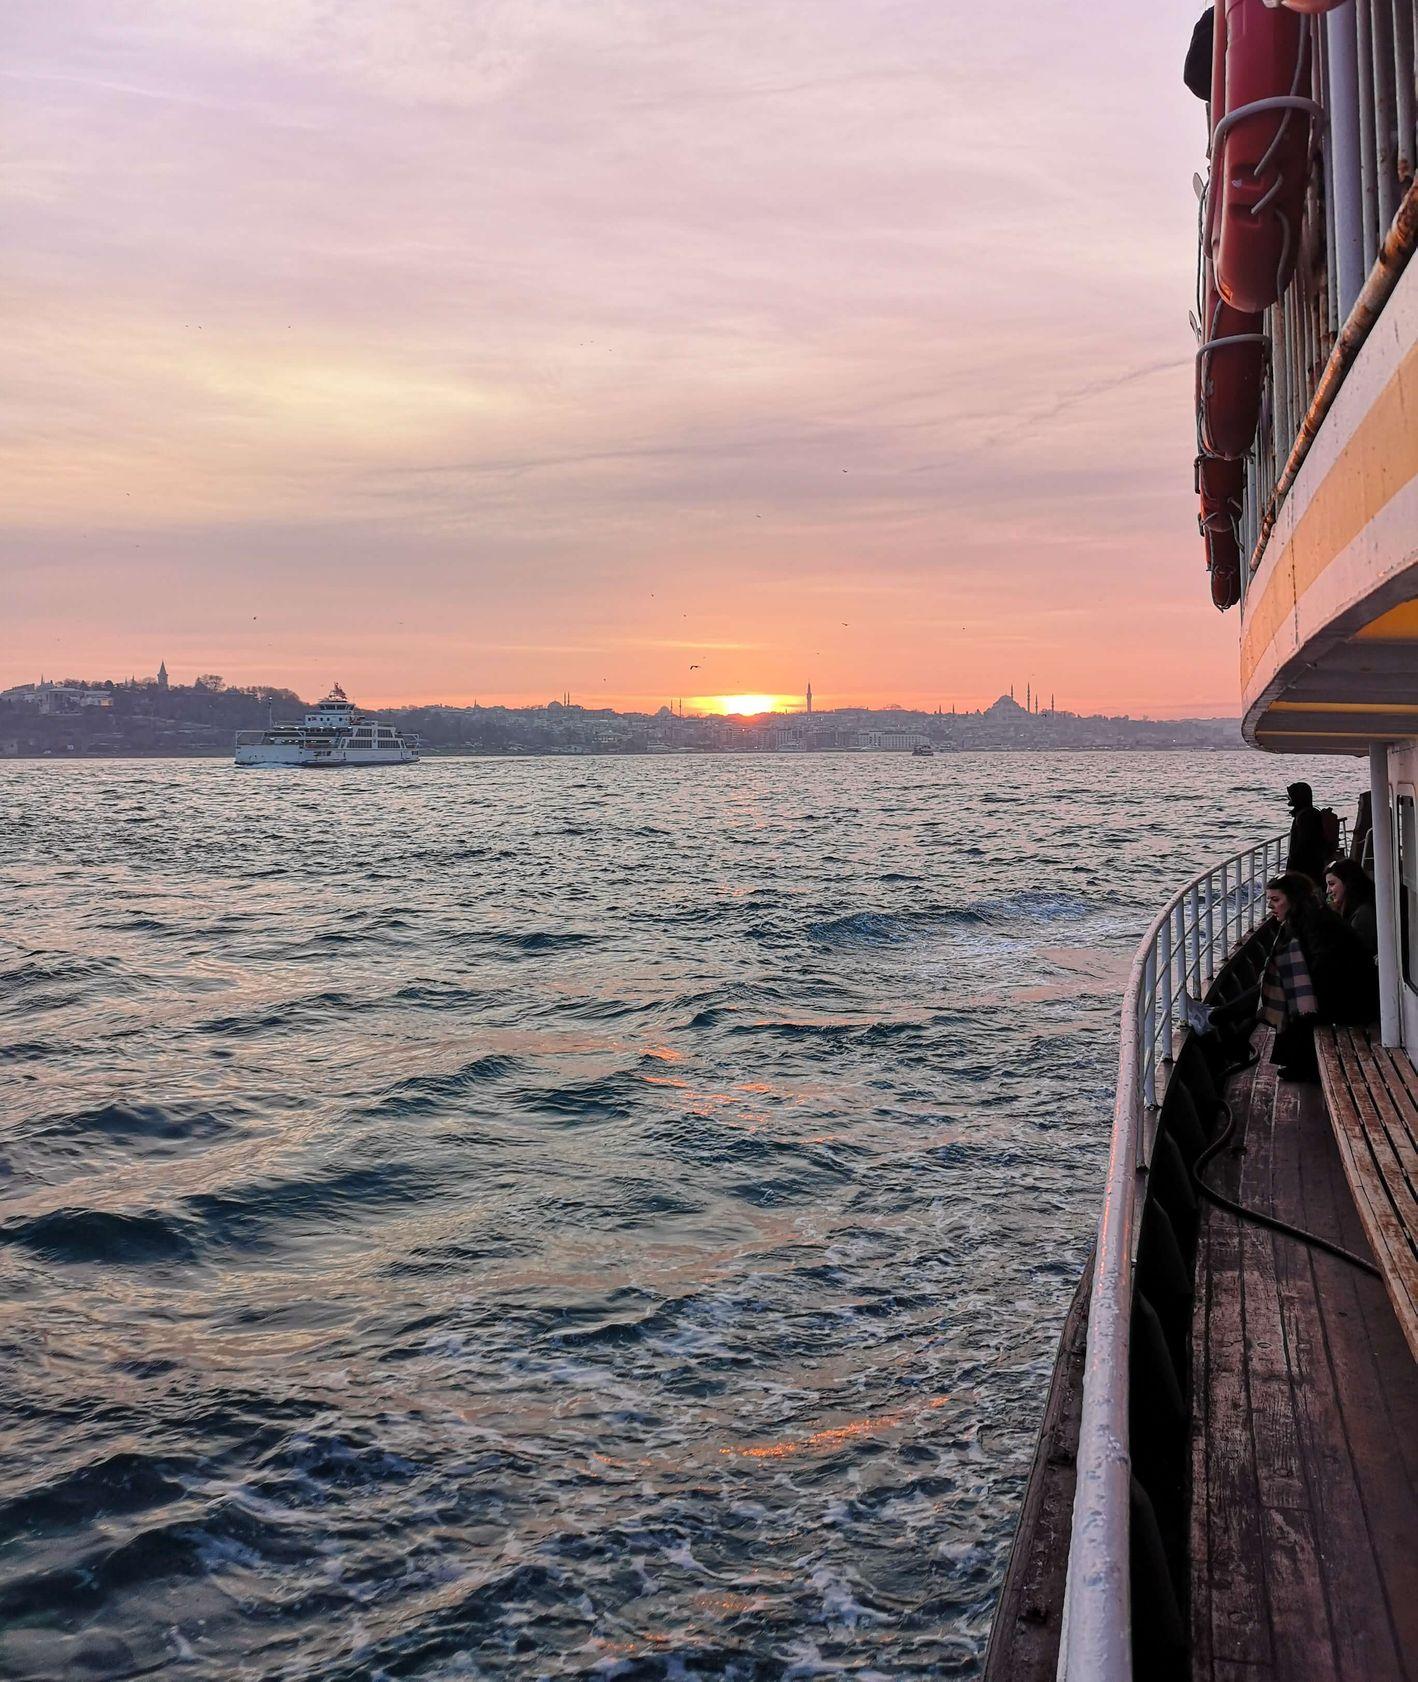 Morze widziane ze statku podczas zachodu słońca (fot. Bartek Kieżun)